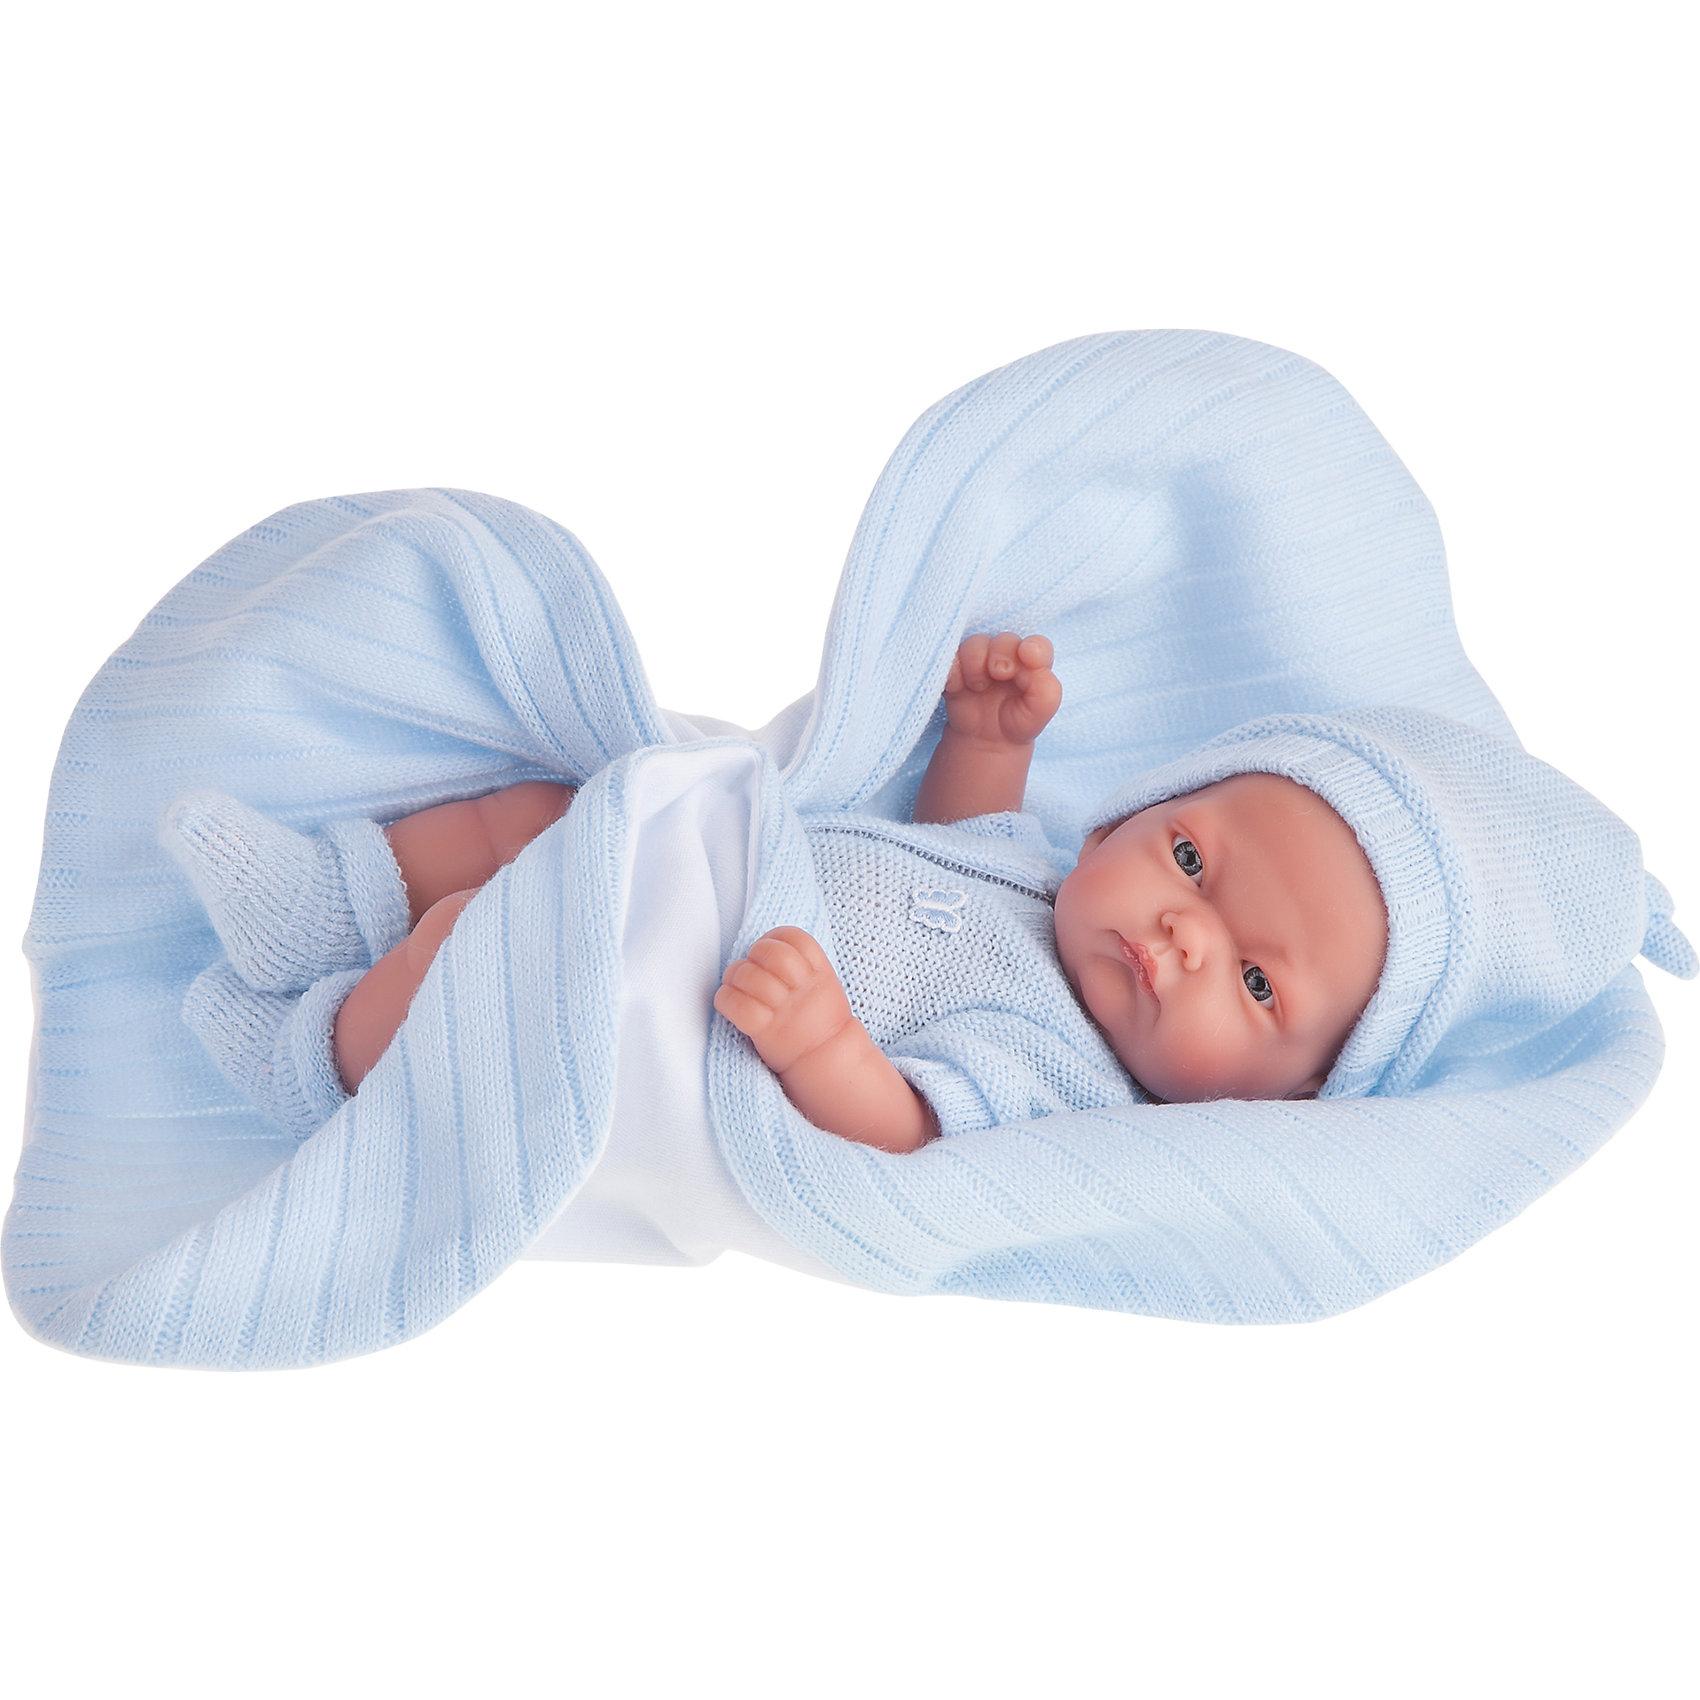 Кукла-младенец Карлос в голубом одеяле, 26 см, Munecas Antonio JuanКлассические куклы<br>Кукла-младенец Карлос в голубом одеяле, 26 см, Munecas Antonio Juan (Мунекас Антонио Хуан).<br><br>Характеристики:<br><br>- Комплектация: кукла, одеяло<br>- Материал: винил, текстиль<br>- Высота куклы: 26 см.<br>- Глаза не закрываются<br>- Упаковка: яркая подарочная коробка<br><br>Малыш Карлос невероятно похож на настоящего младенца. Анатомическая точность, с которой выполнена кукла, поражает! Выразительные глазки, маленький носик, нежные щечки, пухлые губки, милые «перевязочки» на ручках и ножках придают кукле реалистичный вид и вызывают только самые положительные и добрые эмоции. Карлос одет в голубой вязаный комбинезон на застежке с коротким рукавом. Он дополнен украшением в форме бабочки. На голове вязаная шапочка, а на ножках носочки нежного голубого цвета. Верхняя часть шапочки завязана узлом. Кукла лежит на одеяле. С одной стороны одеяло белое флисовое, а с другой стороны - из трикотажа голубого цвета. Кукла изготовлена из высококачественного винила с покрытием софт тач, мягкого и приятного на ощупь. Голова, ручки и ножки подвижны. Кукла соответствует всем нормам и требованиям к качеству детских товаров. Образы малышей Мунекас разработаны известными европейскими дизайнерами. Они натуралистичны, анатомически точны.<br><br>Куклу-младенца Карлос в голубом одеяле, 26 см, Munecas Antonio Juan (Мунекас Антонио Хуан) можно купить в нашем интернет-магазине.<br><br>Ширина мм: 35<br>Глубина мм: 20<br>Высота мм: 12<br>Вес г: 670<br>Возраст от месяцев: 36<br>Возраст до месяцев: 2147483647<br>Пол: Женский<br>Возраст: Детский<br>SKU: 5055421